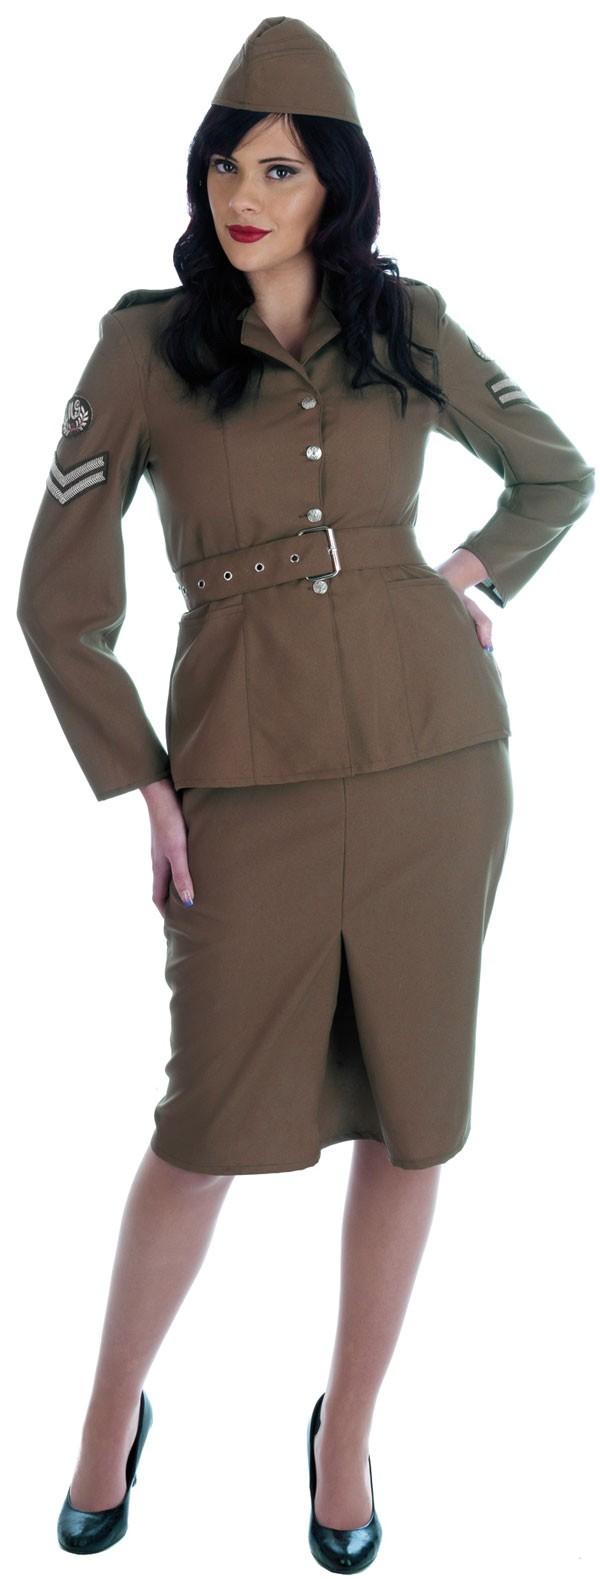 WW2 Army Girl Costume - Cheap Fancy Dress - photo #33